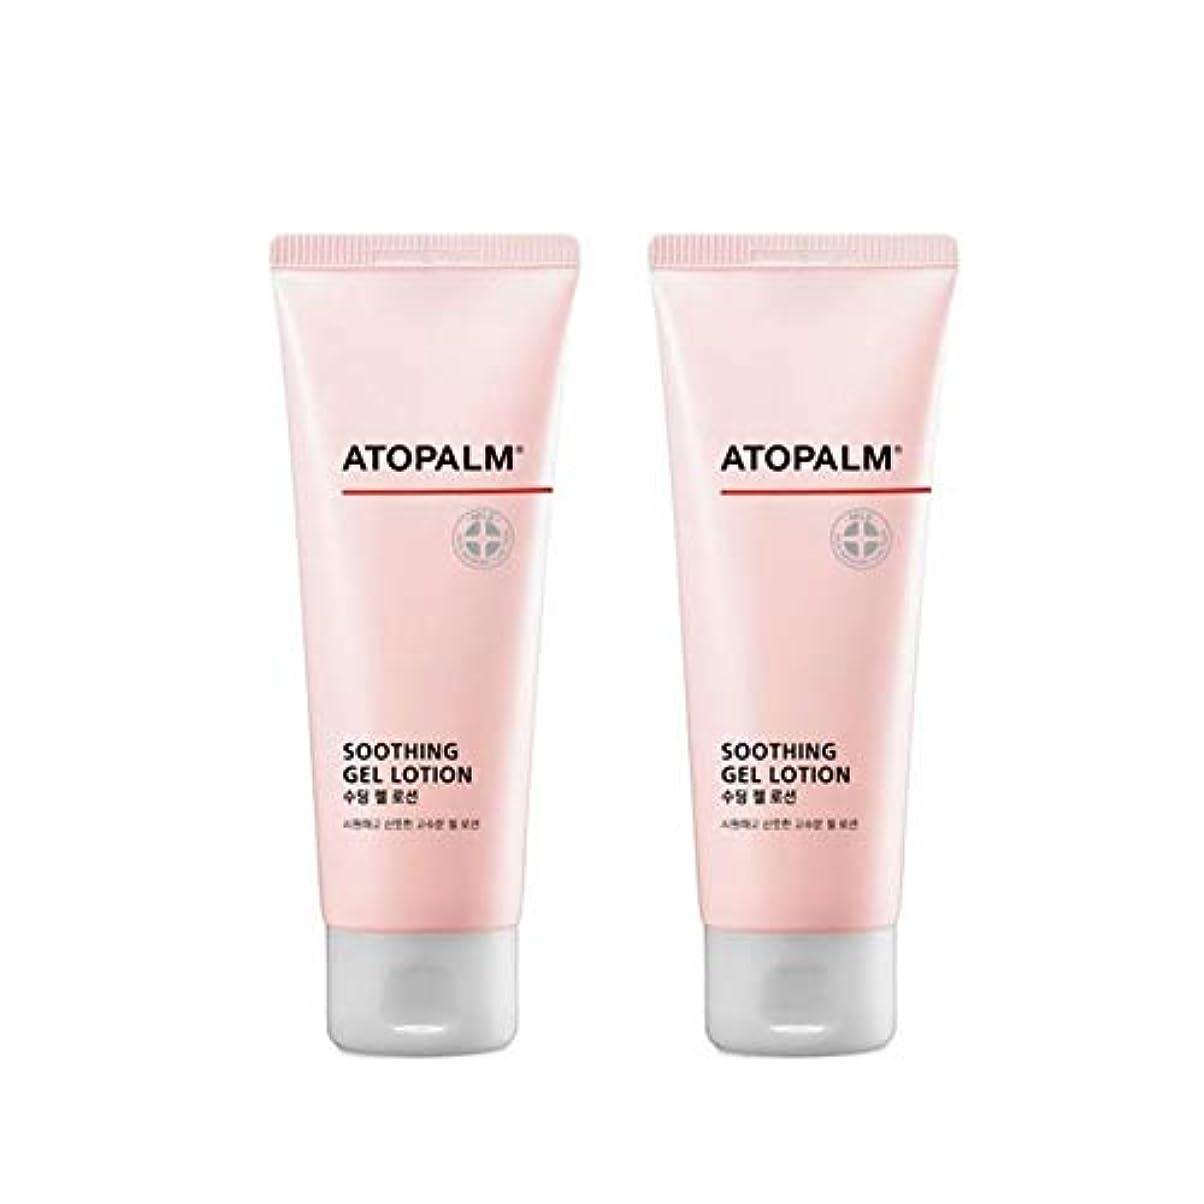 不承認主に合併症アトパムスディンジェルローション120mlx2本セットベビーローション韓国コスメ、Atopalm Soothing Gel Lotion 120ml x 2ea Set Baby Lotion Korean Cosmetics...